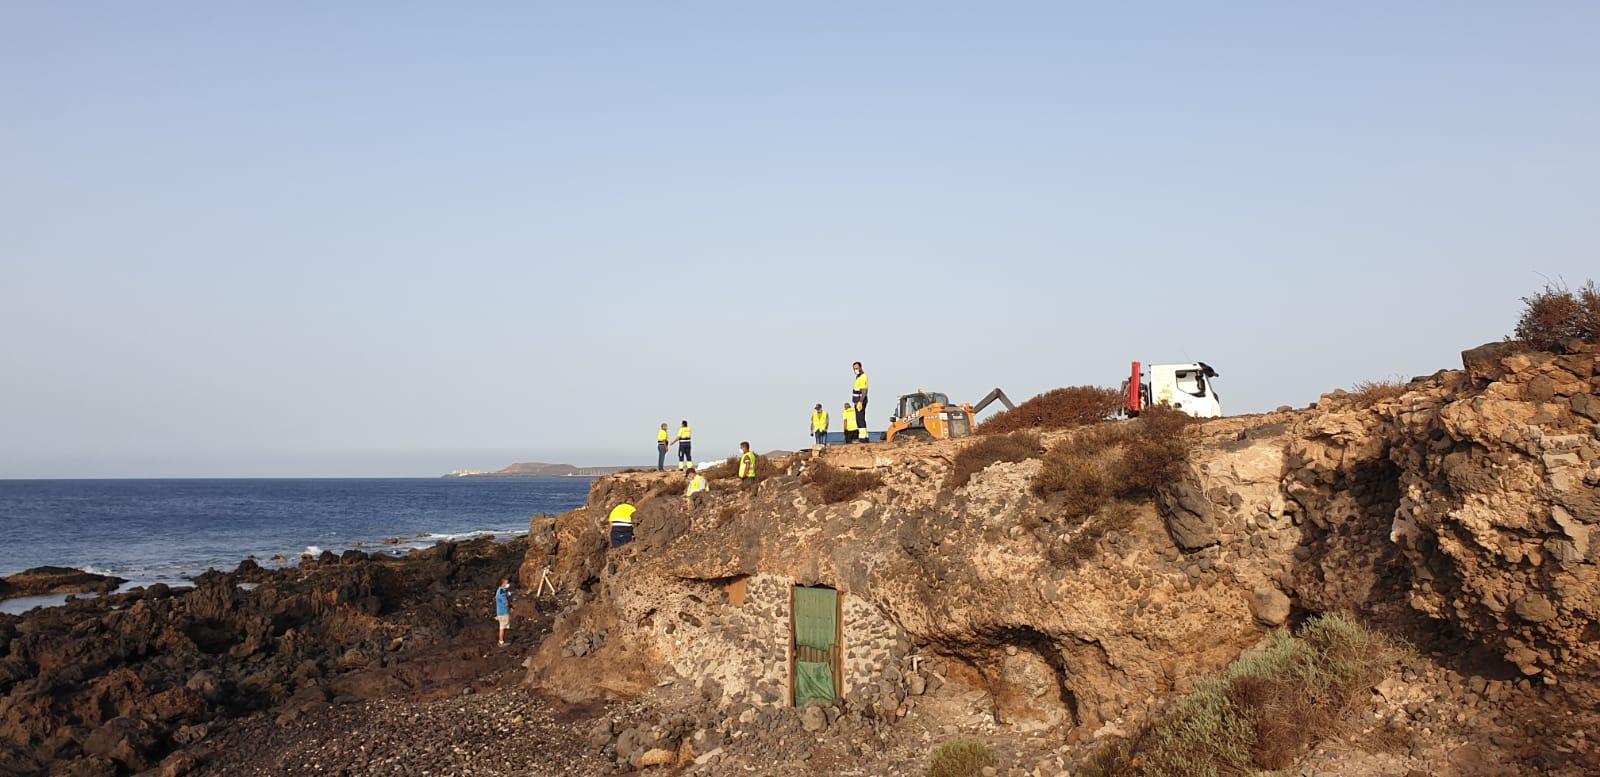 Desalojo de asentamientos ilegales en Granadilla de Abona (Tenerife) / CanariasNoticias.es